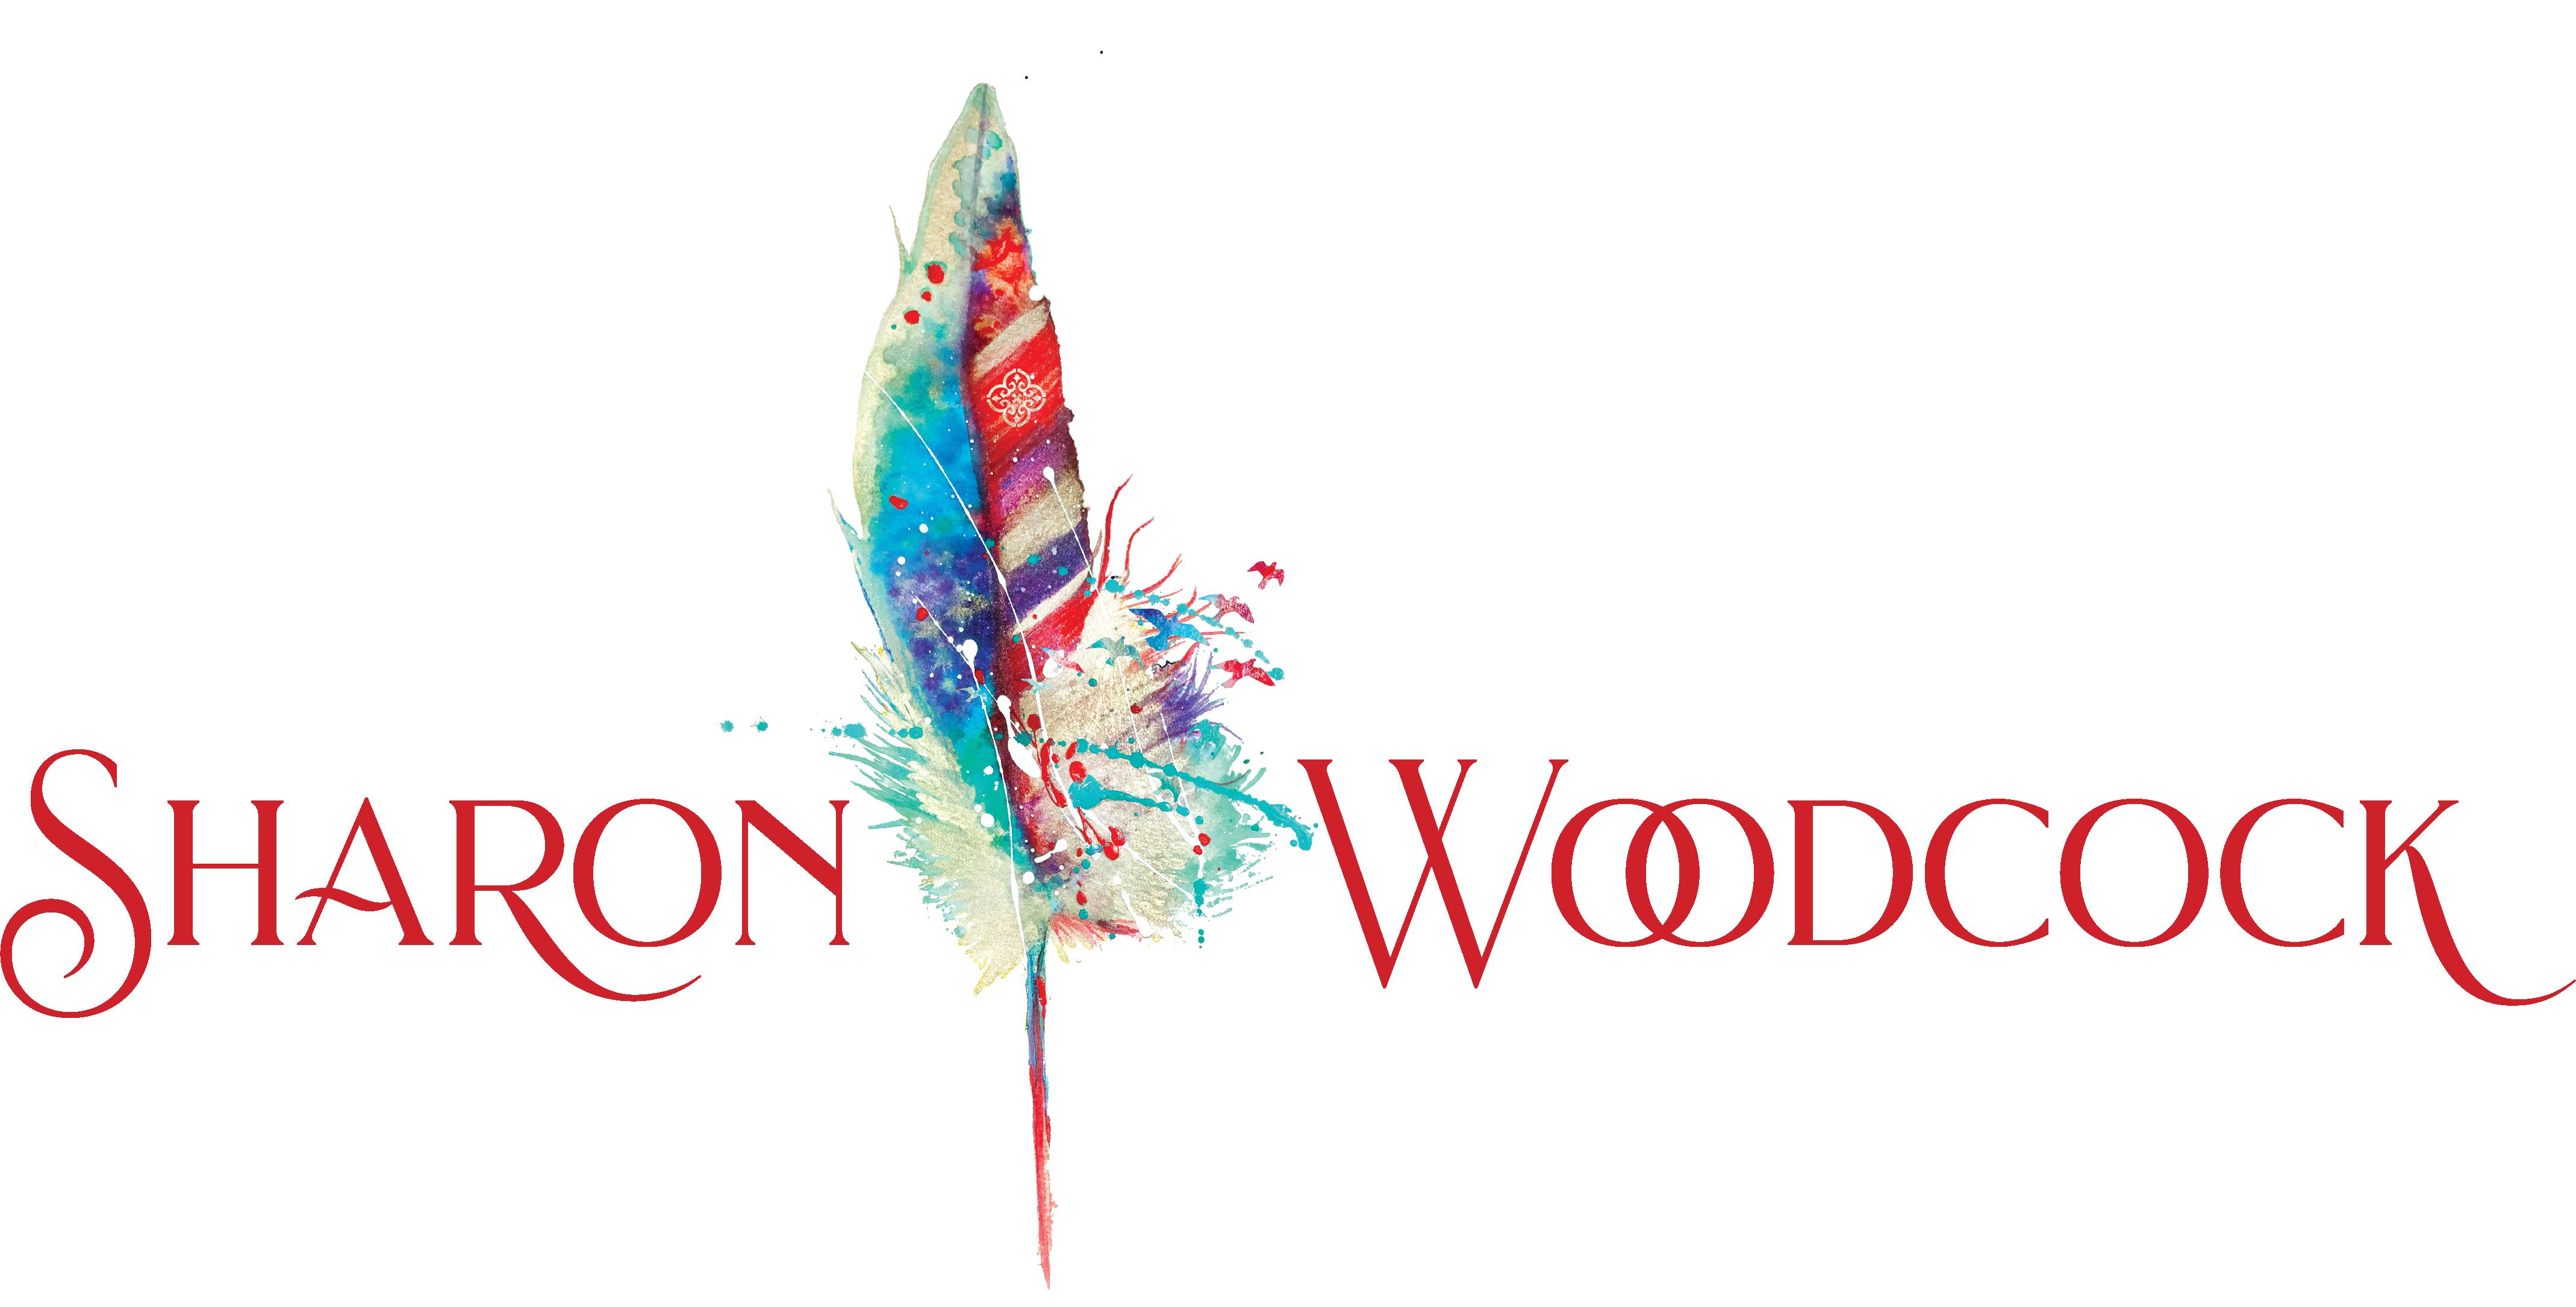 Sharon Woodcock